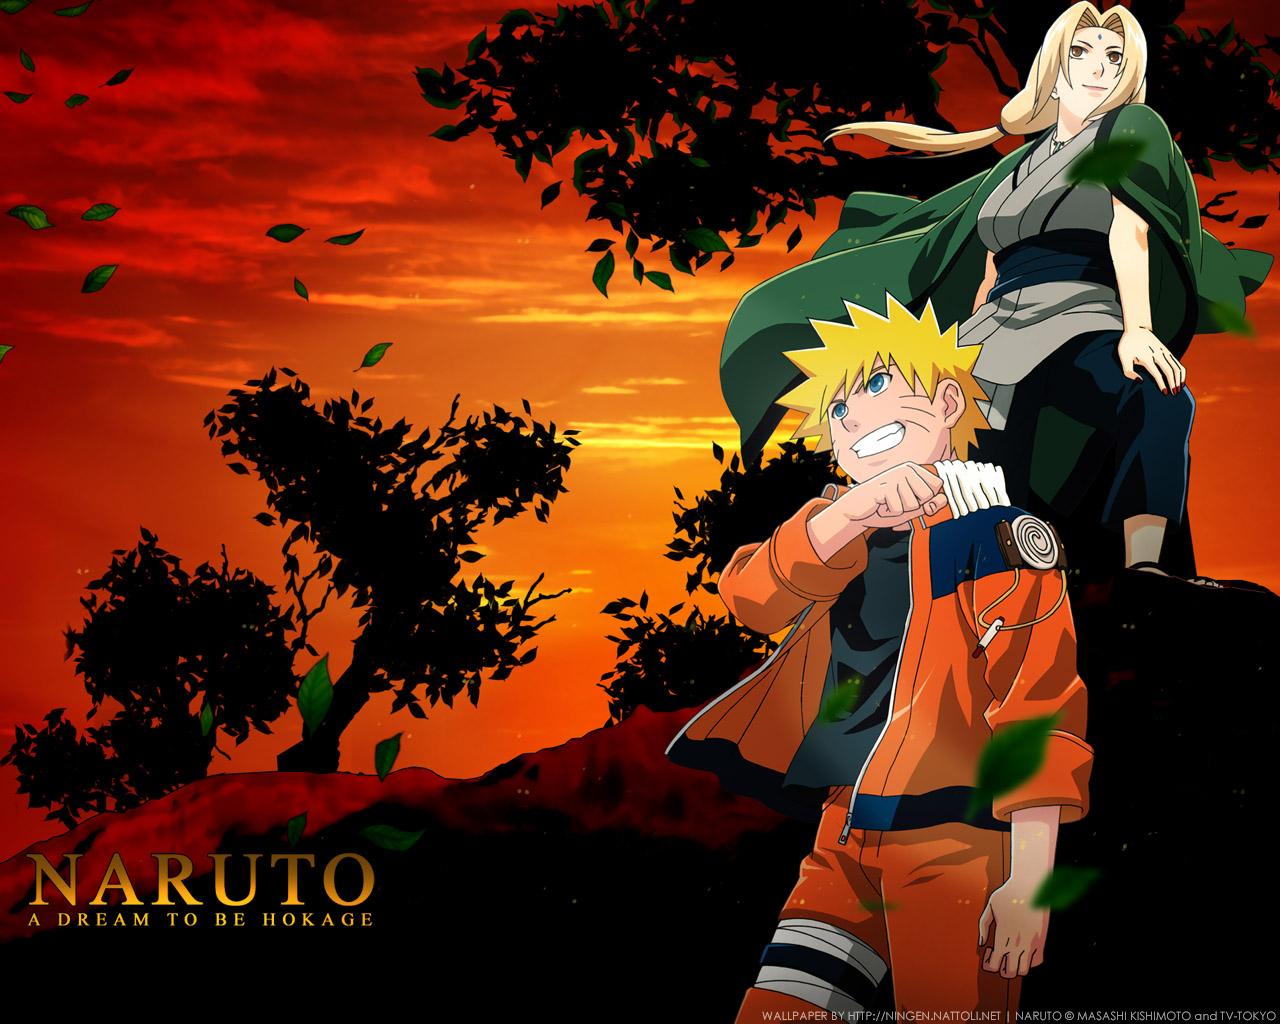 http://3.bp.blogspot.com/-yxt3GkVjgZA/TxQNEtOUZsI/AAAAAAAAAfg/XCtFN3nfRIk/s1600/naruto+uzumaki+wallpapers_MJV-ART.ORG_-_18543-1280x1024-naruto-uzumaki%252Bnaruto-tsunade.jpg